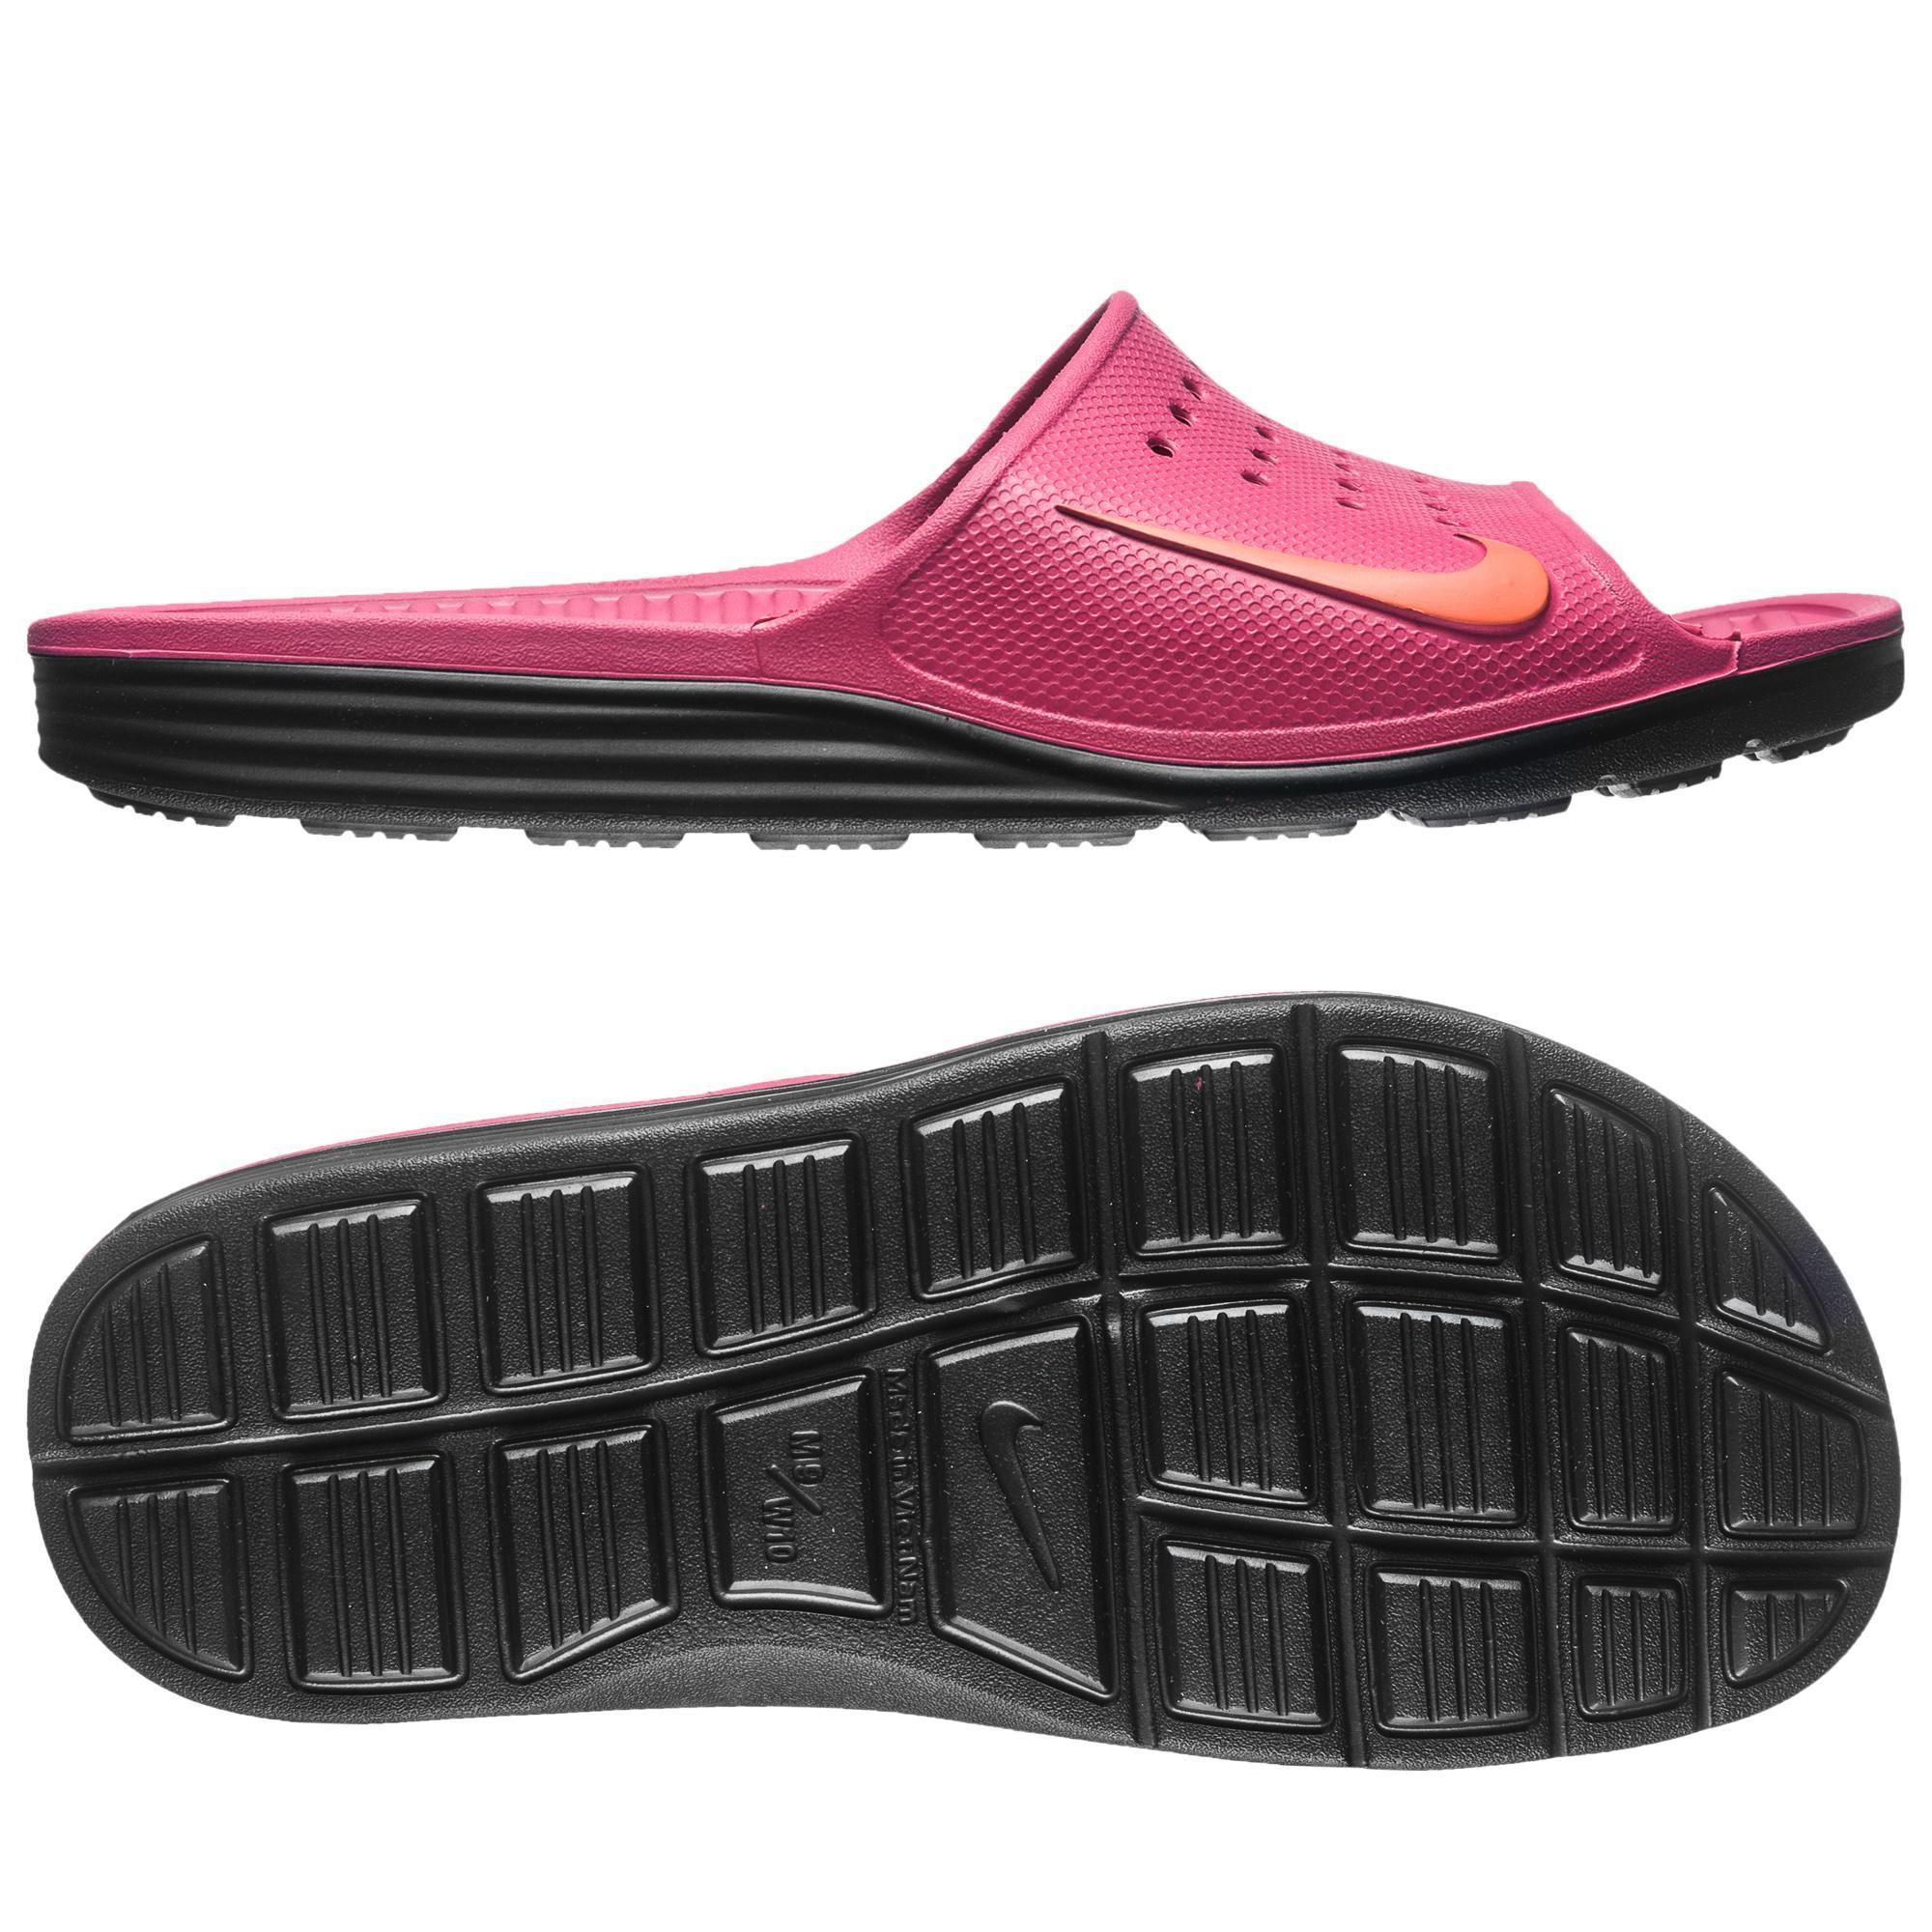 Nike Badtofflor Solarsoft Slide Lila/Svart Dam